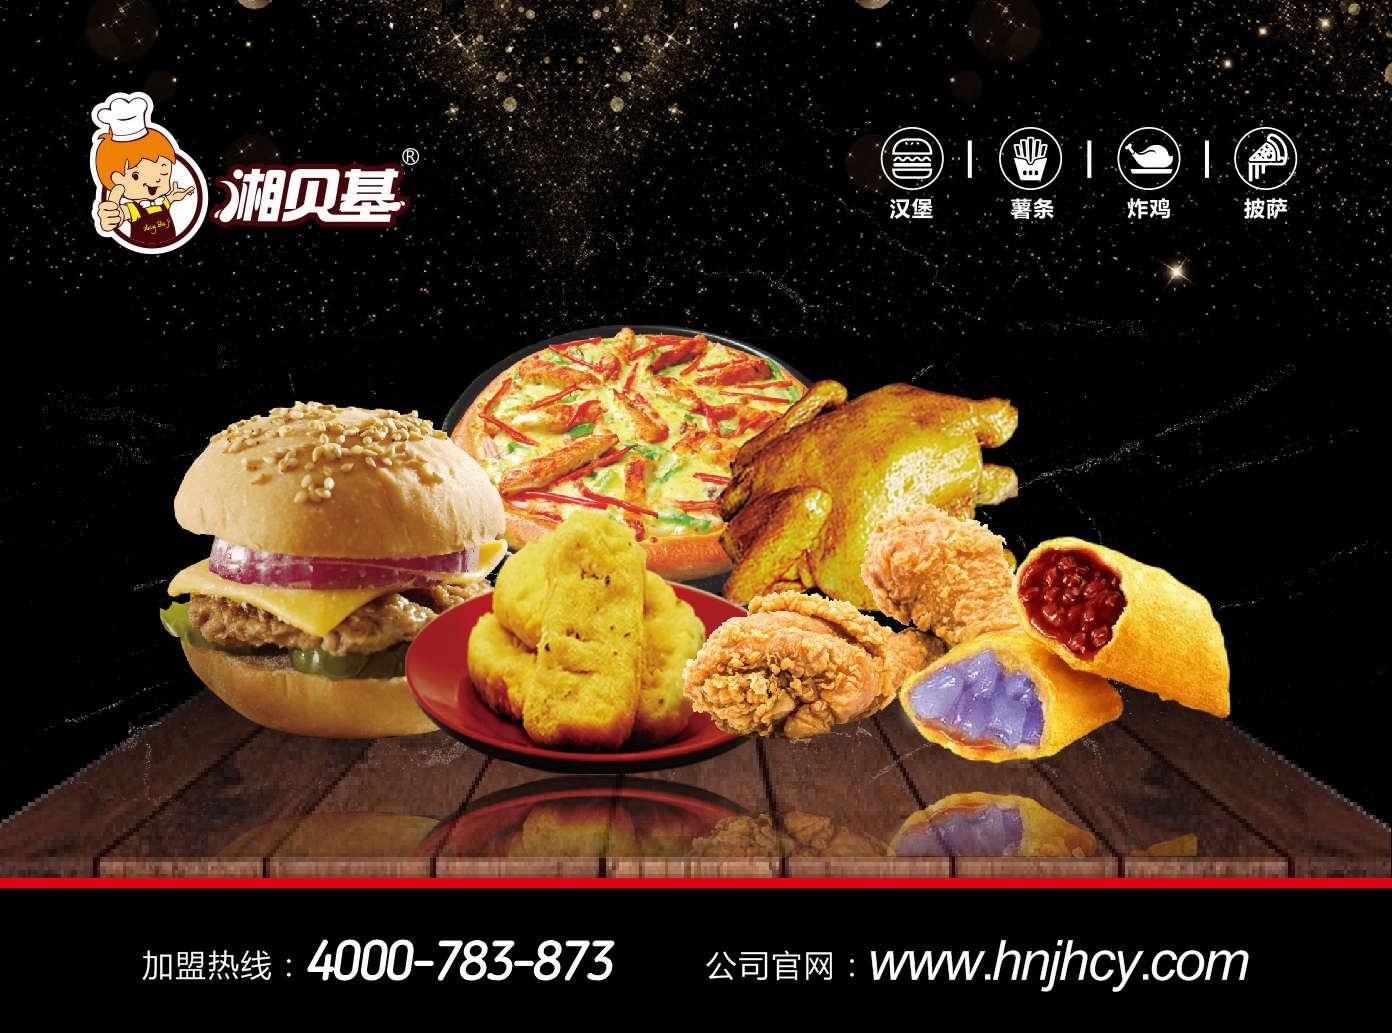 西式快餐加盟怎么做_汉堡品牌排名